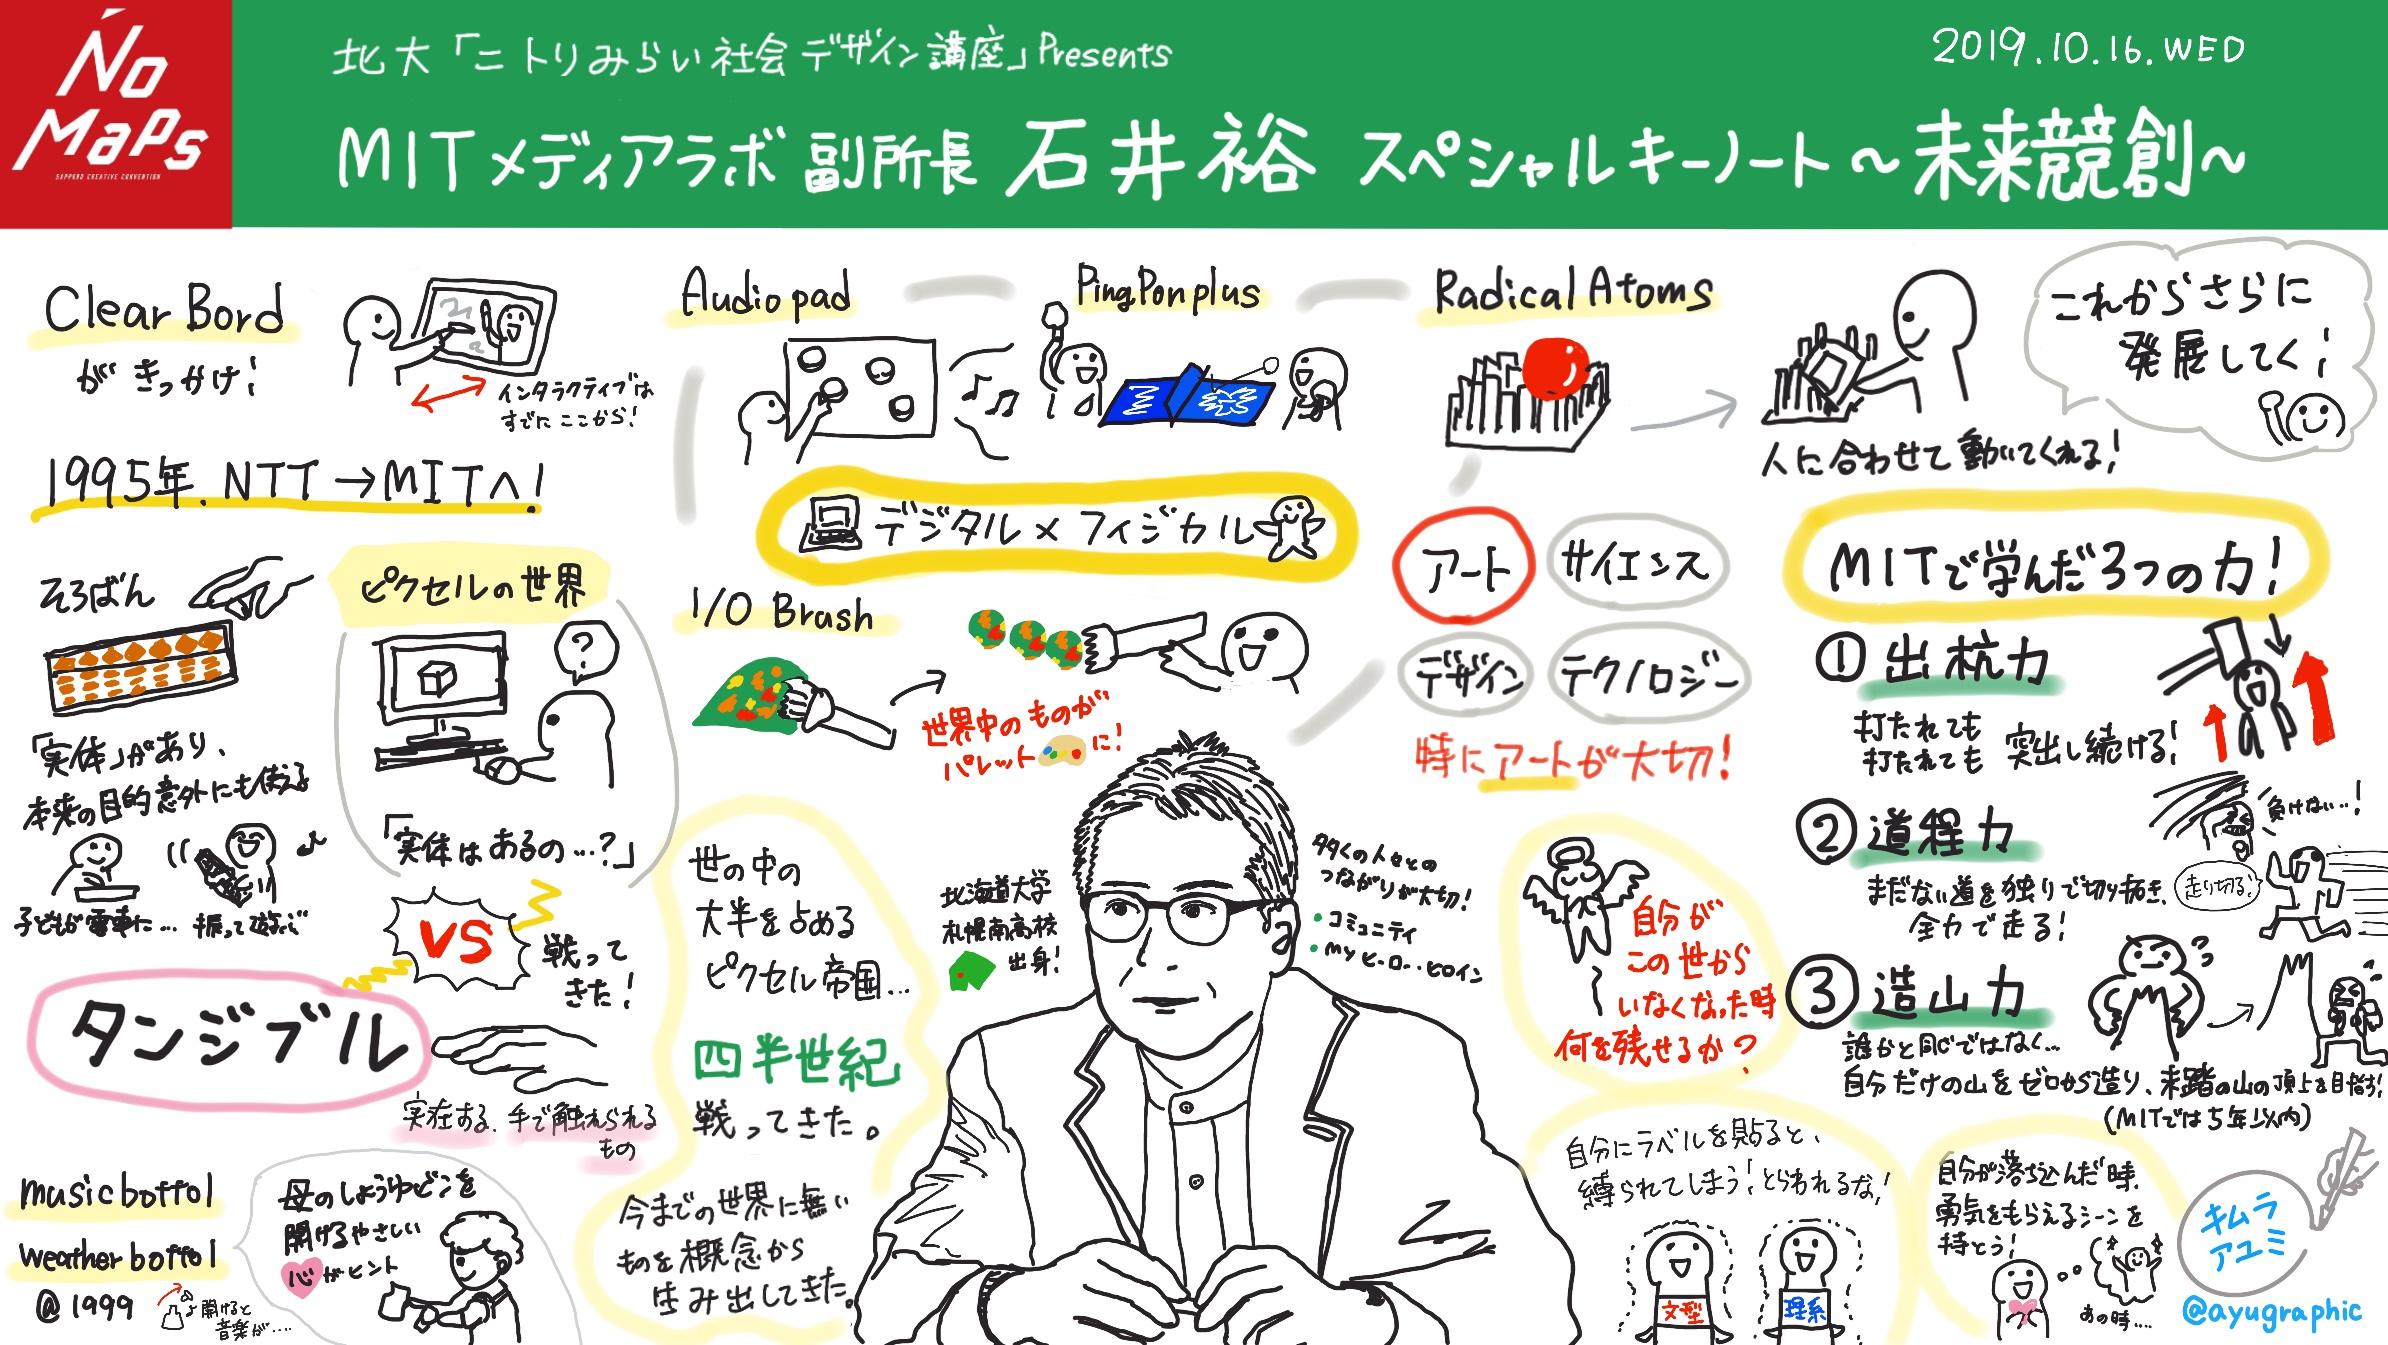 MITメディアラボ石井裕「真のビジョンが未来を照らす」 – NoMaps2019ビジネスカンファレンスレポート